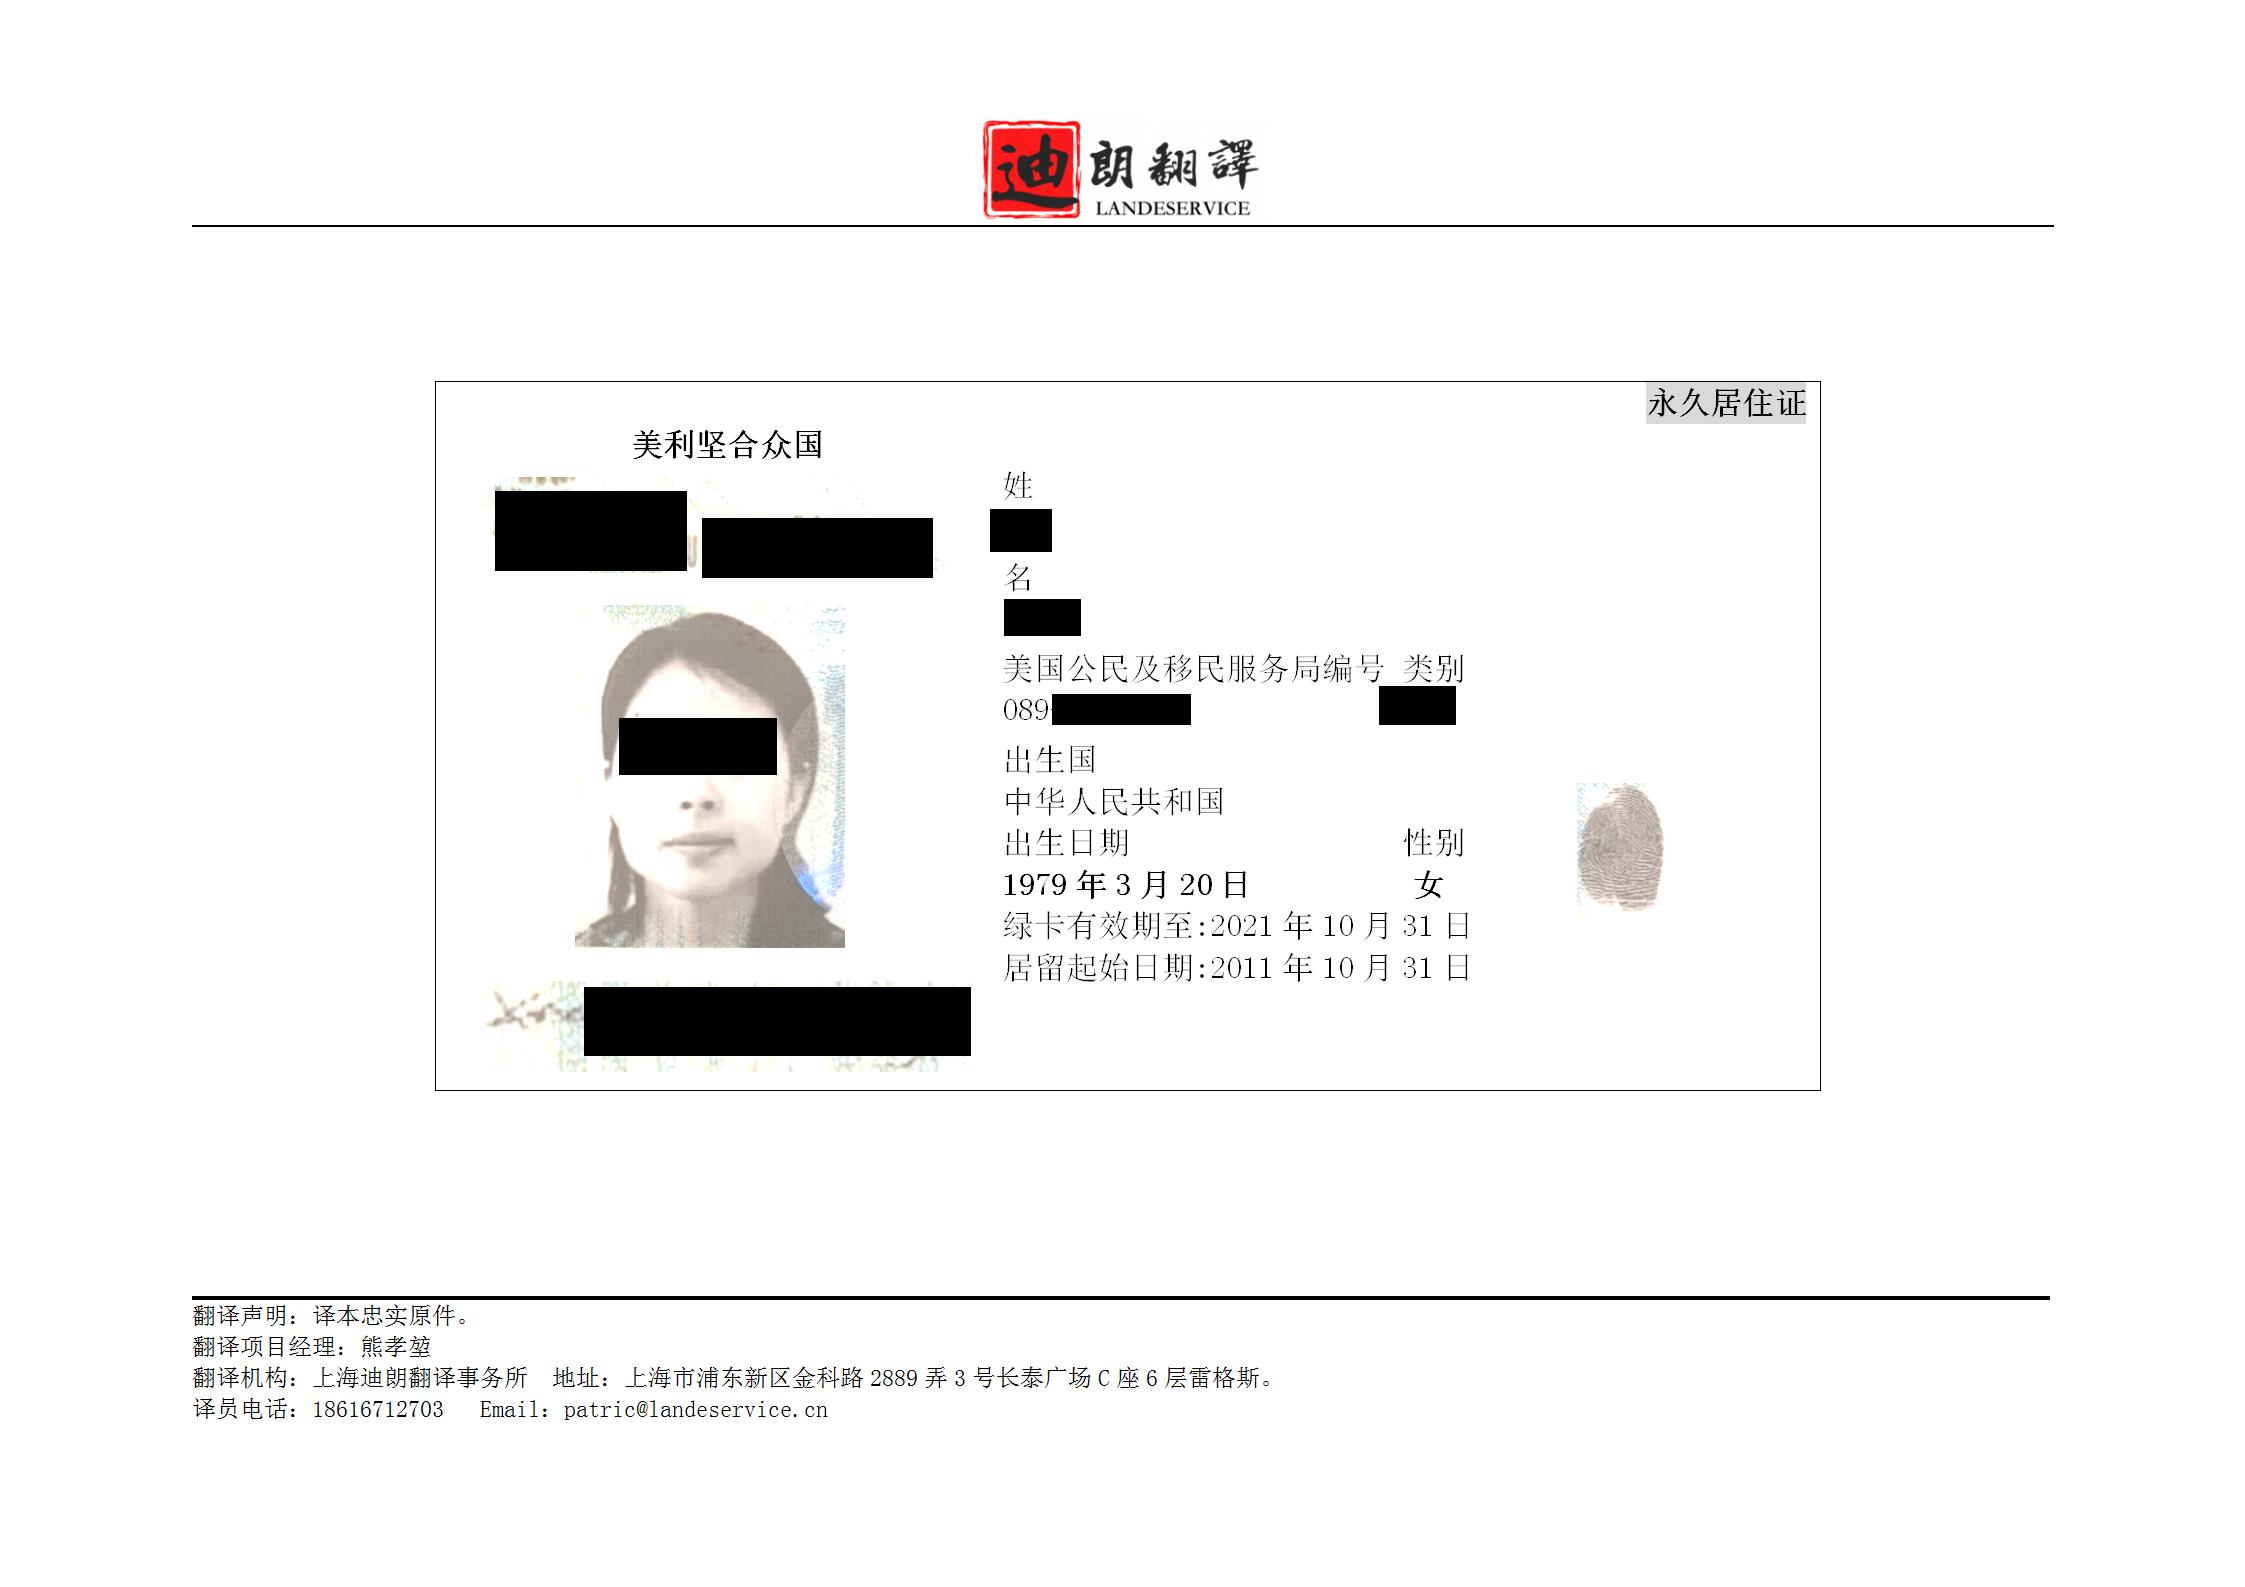 身份张 01 - 美国绿卡/永久居住证翻译认证盖章